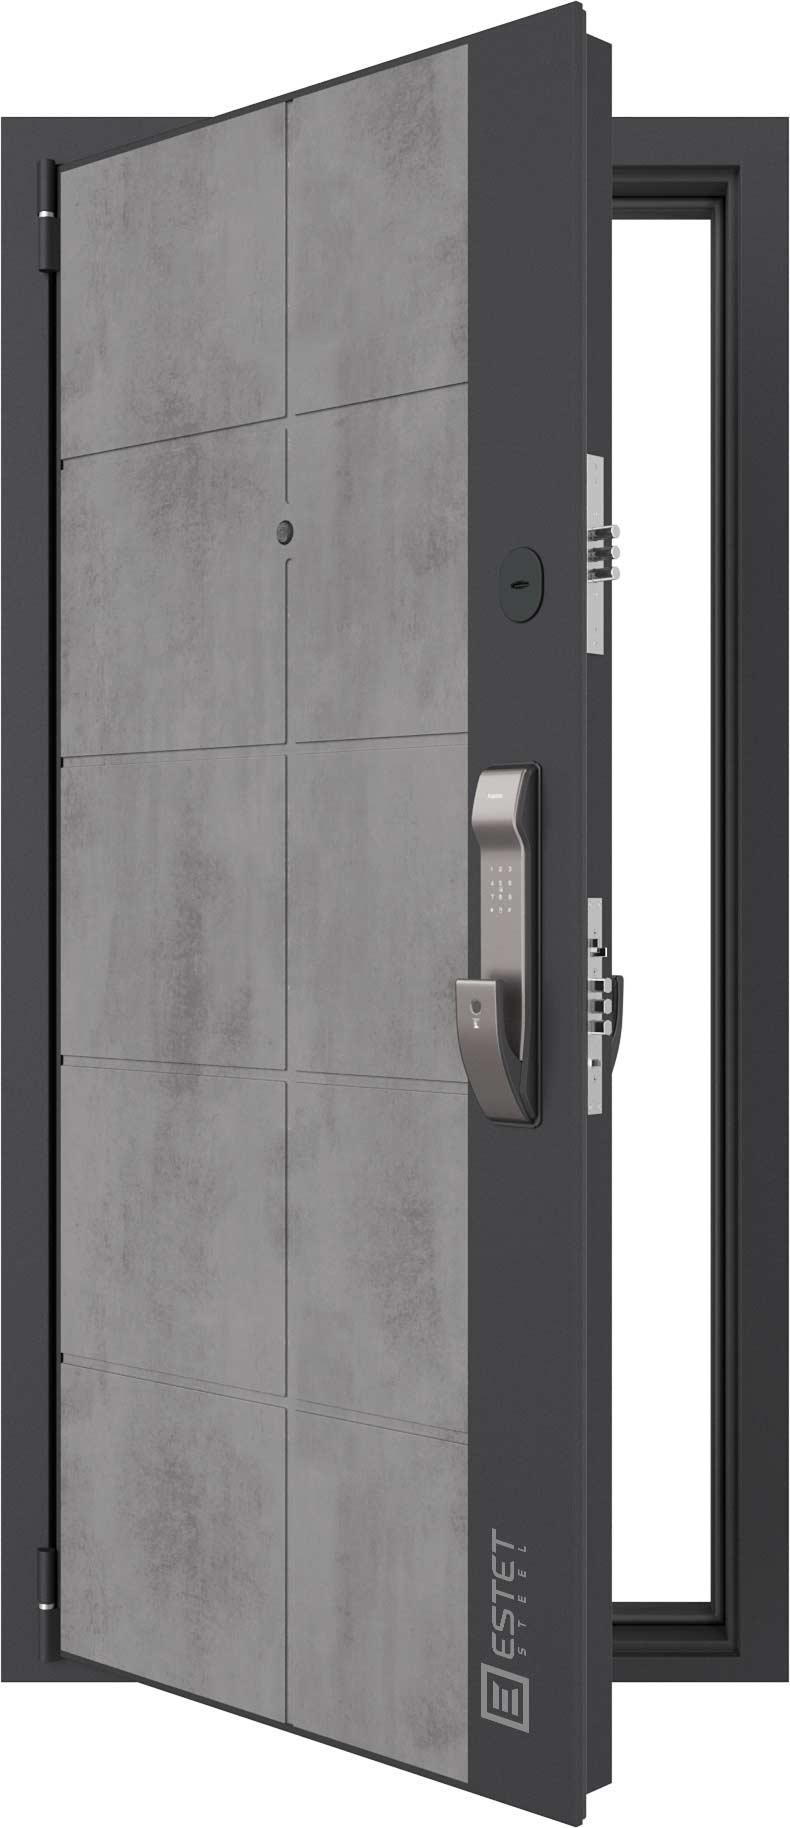 Входная дверь Дверь Лофт SMART 6.2 с электронным замком